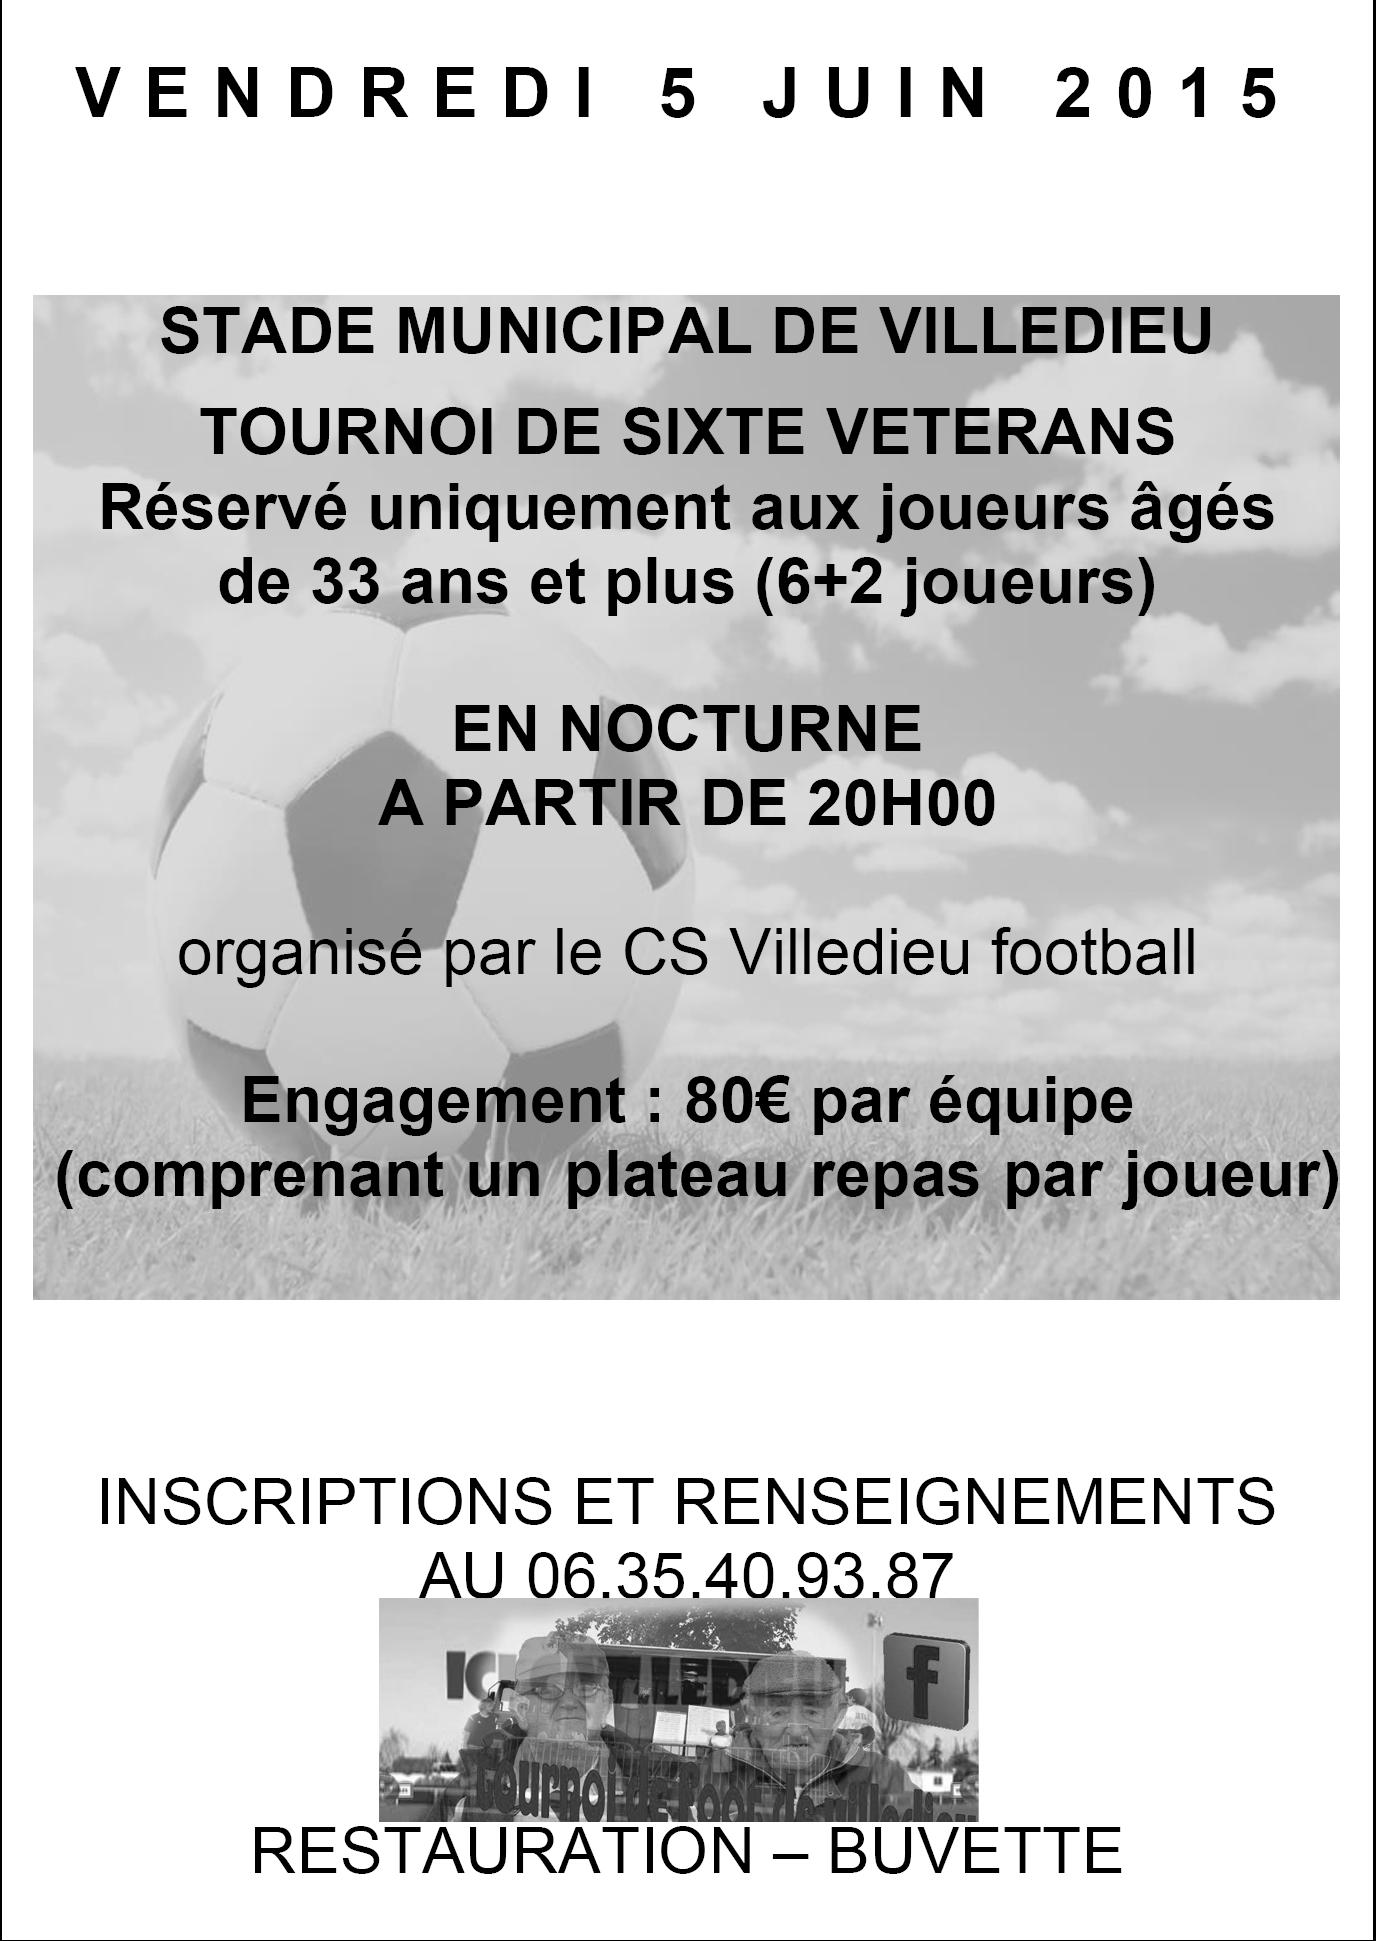 csv-double-affiche-tournois-2015-06-05-cs villedieu